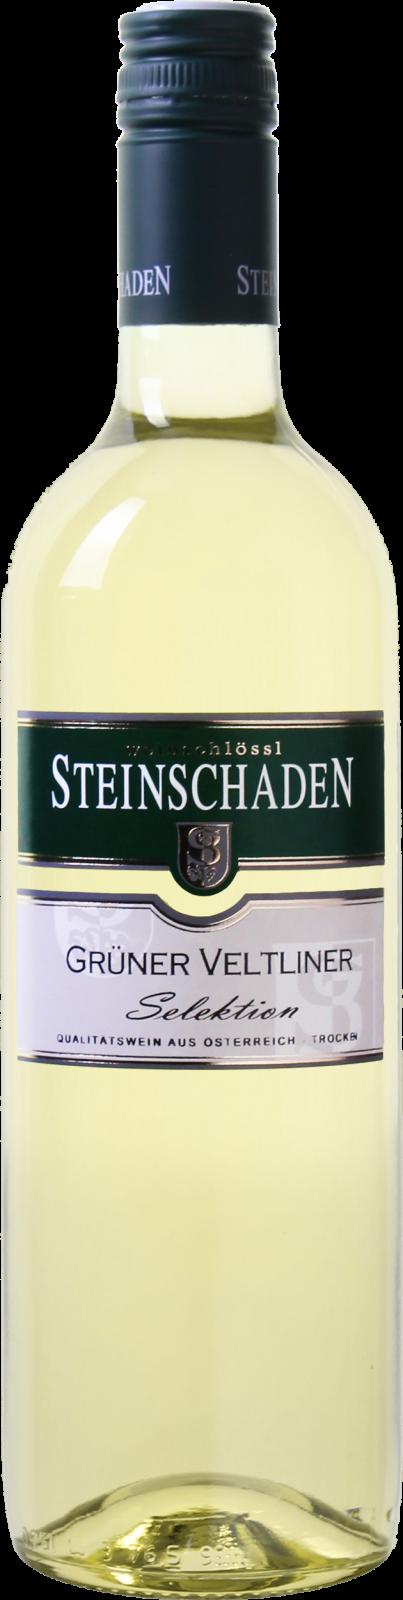 Weinschlössel Steinschaden Grüner Veltliner